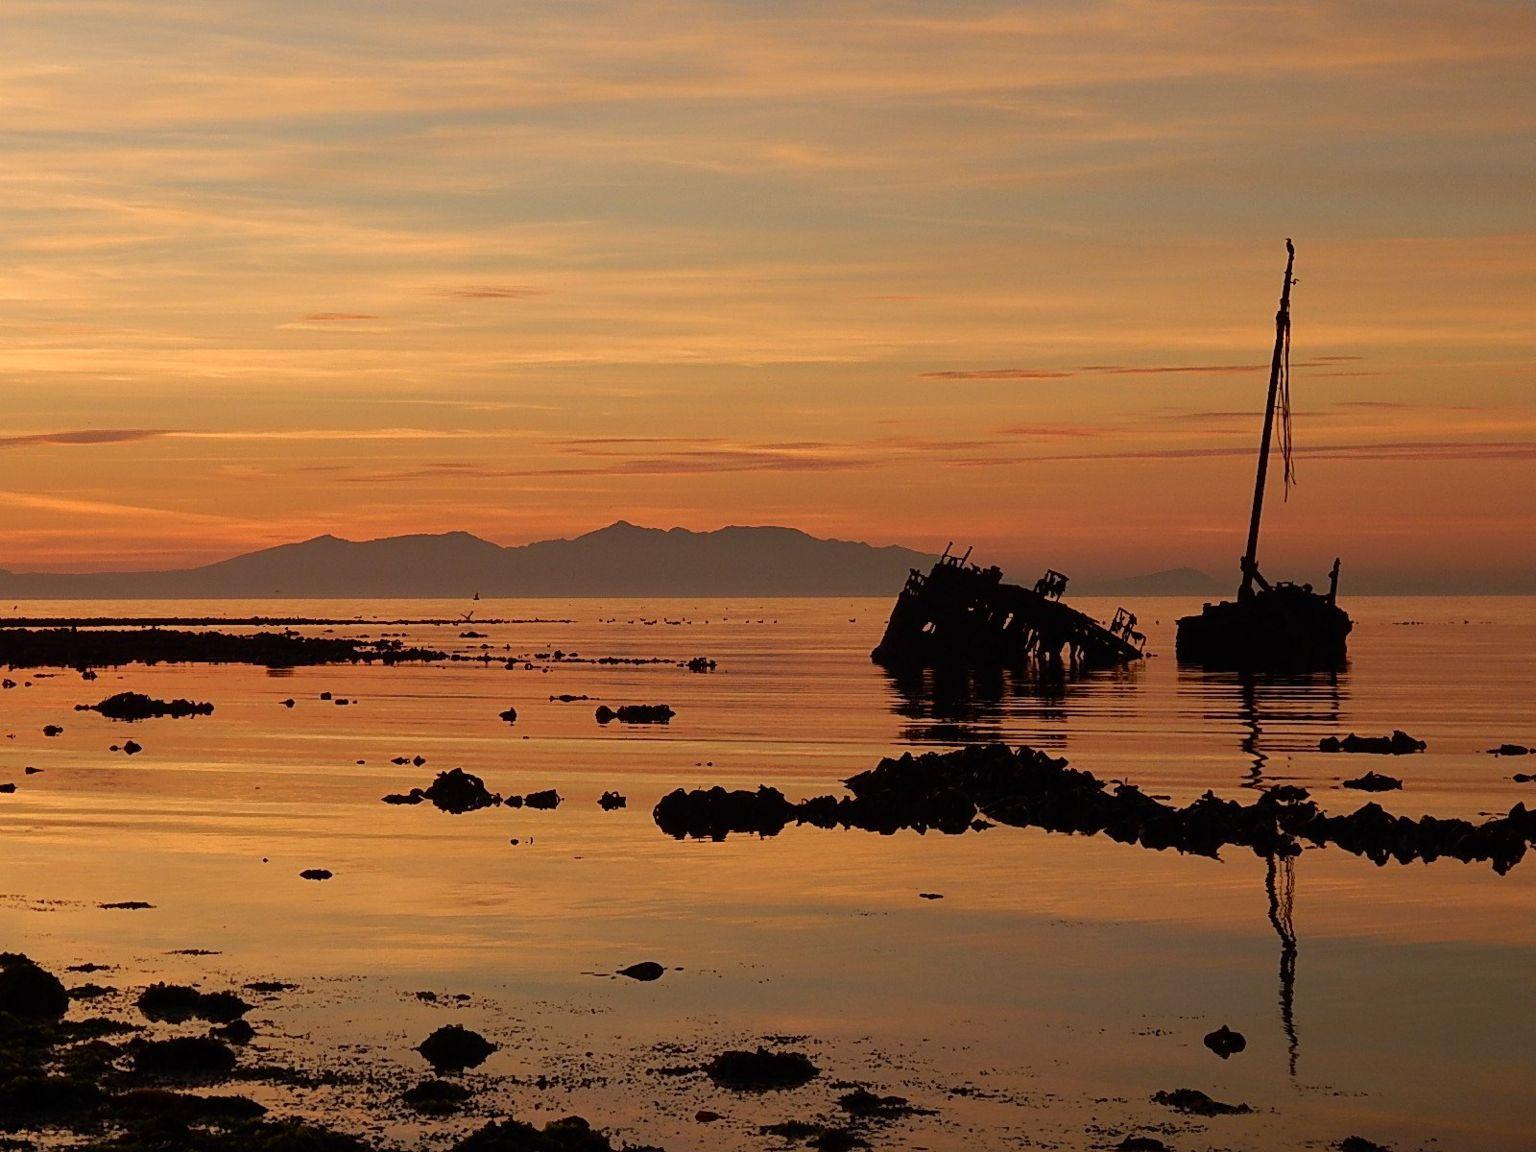 Sunken boat at Newton shore, Ayr